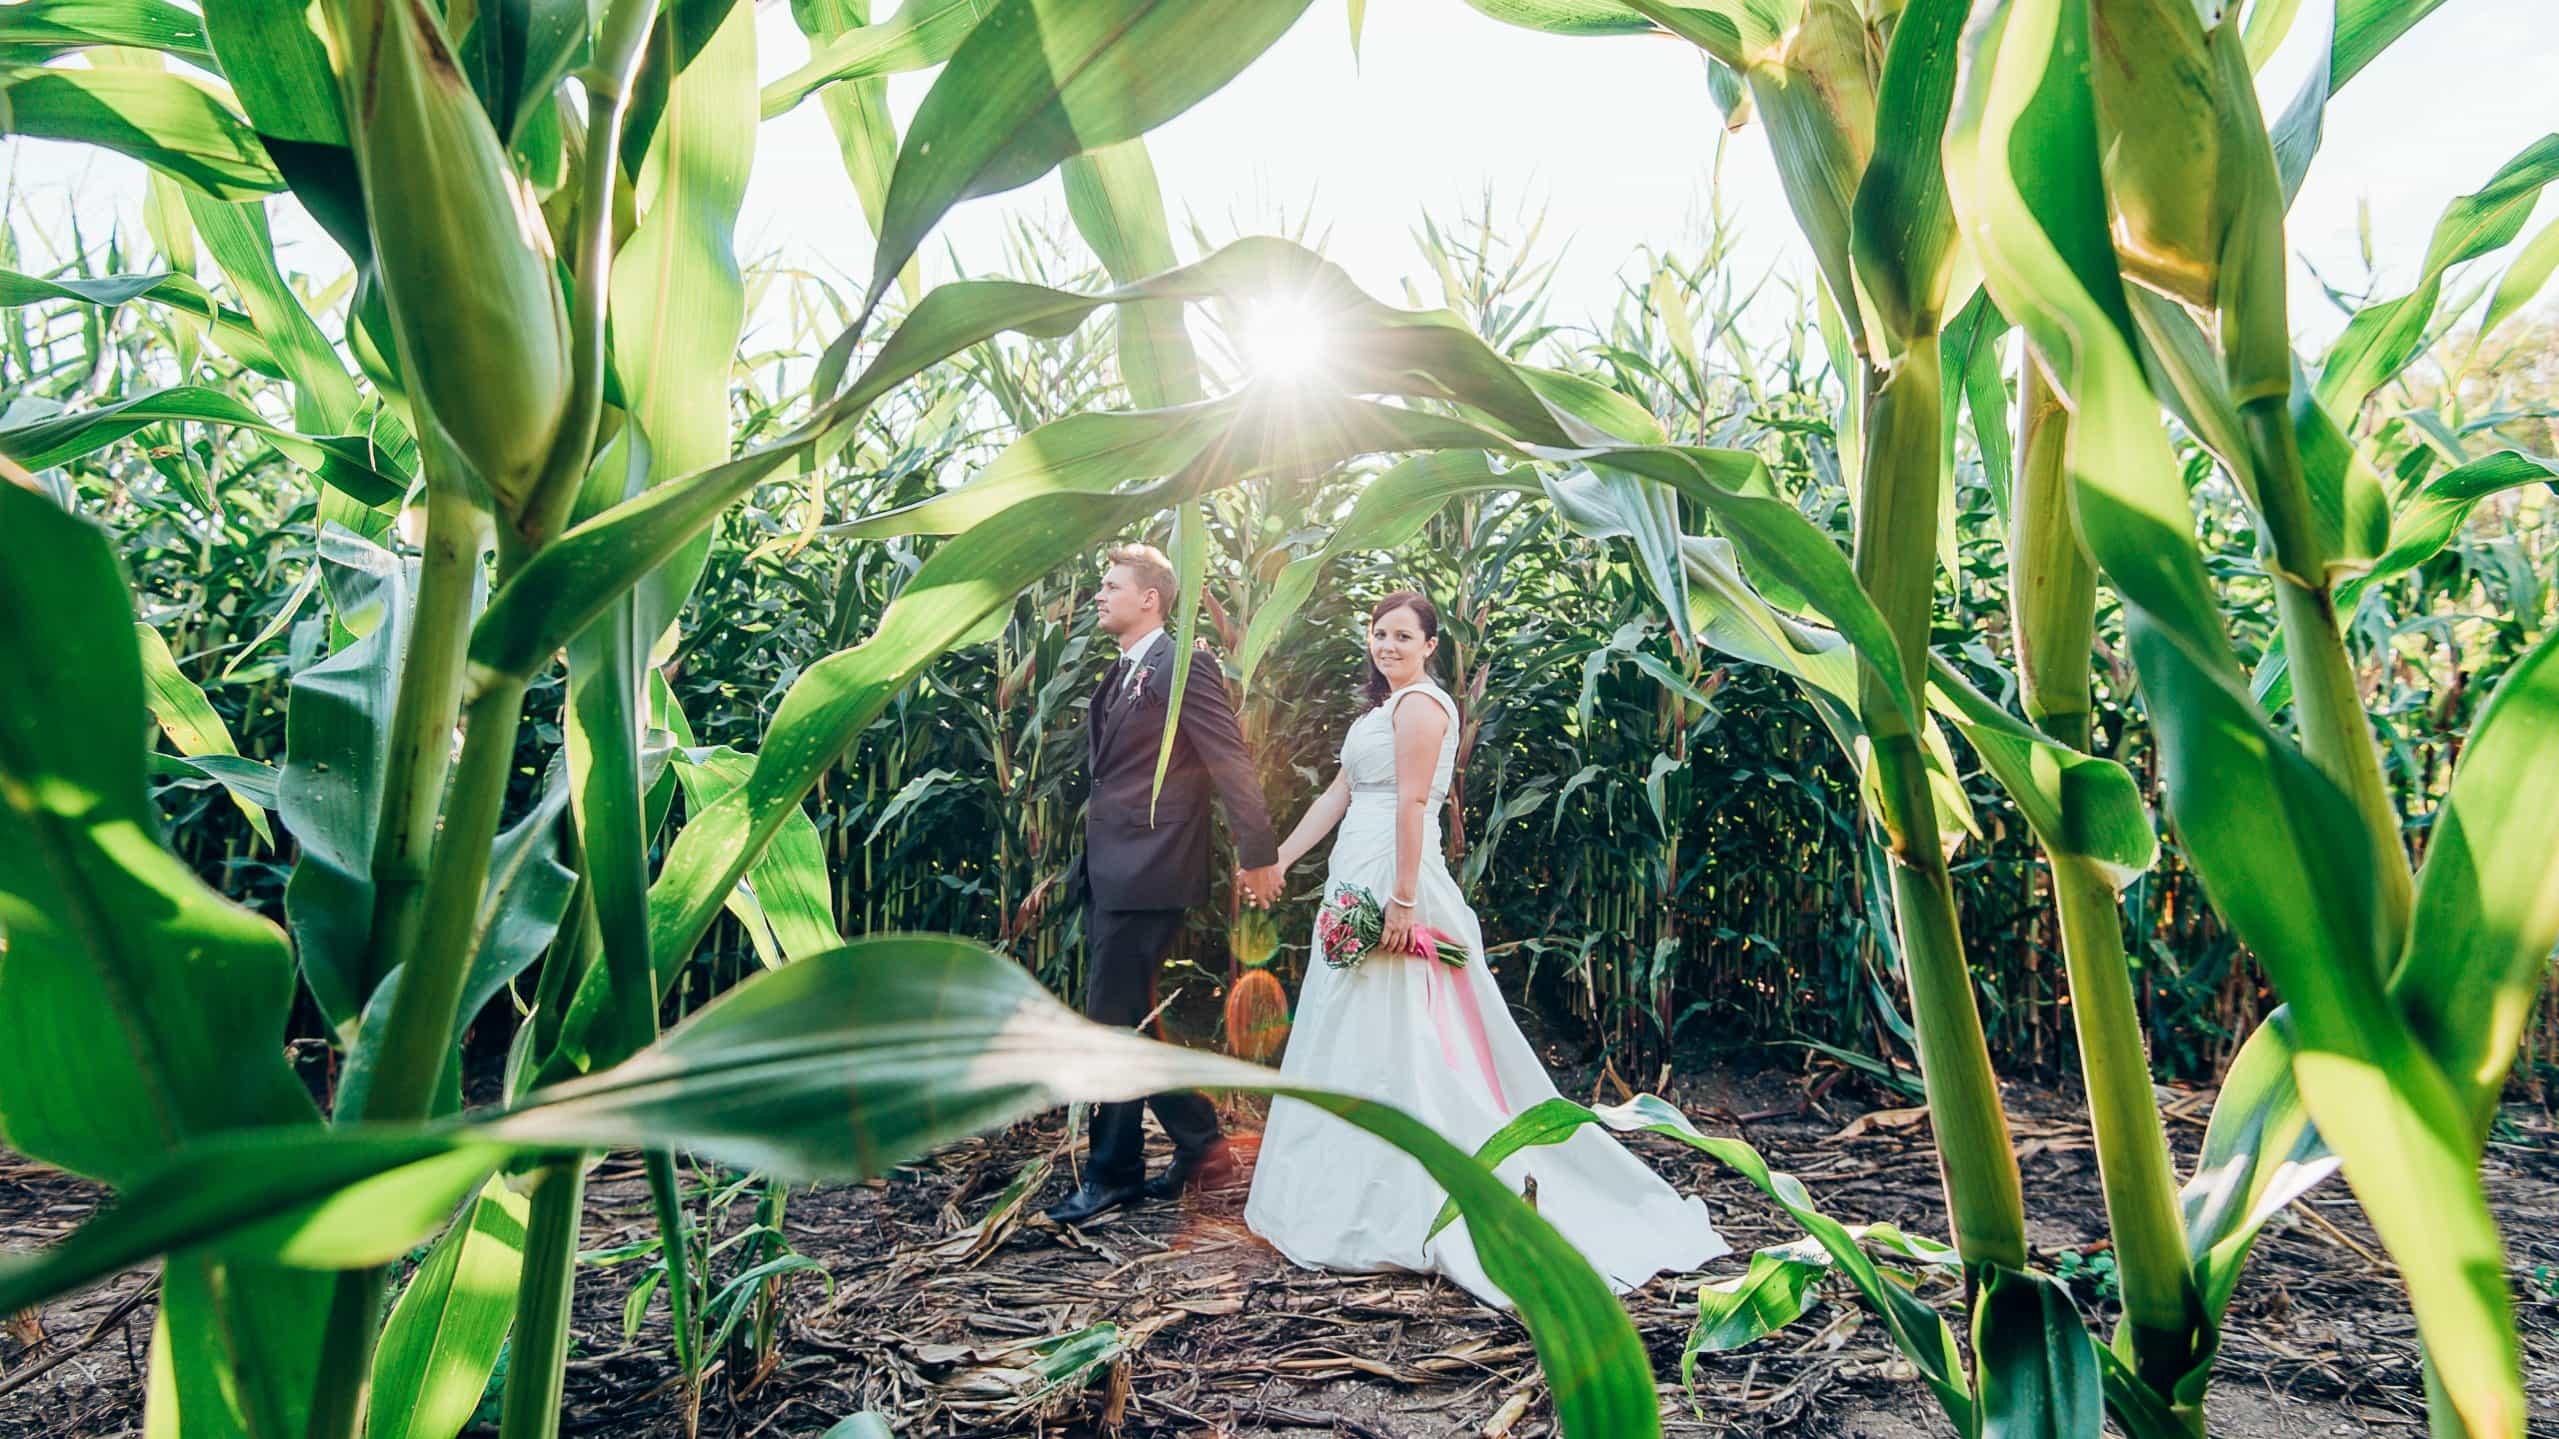 Hochzeitsfotos im Maisfeld mit Gegenlicht